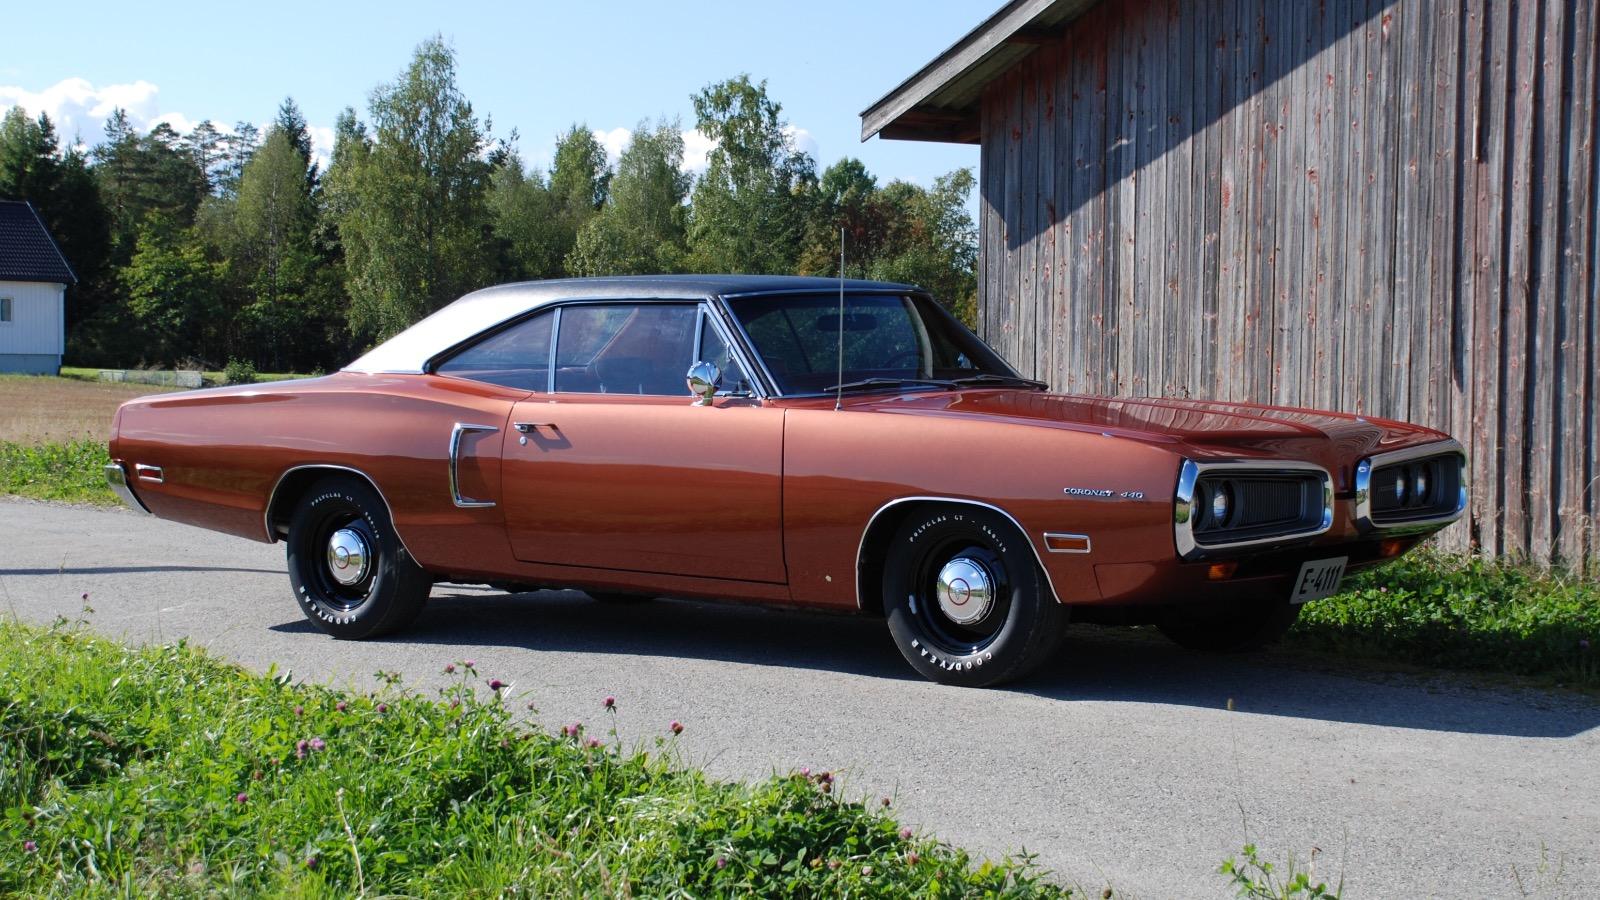 Nydelig look på denne bilen!